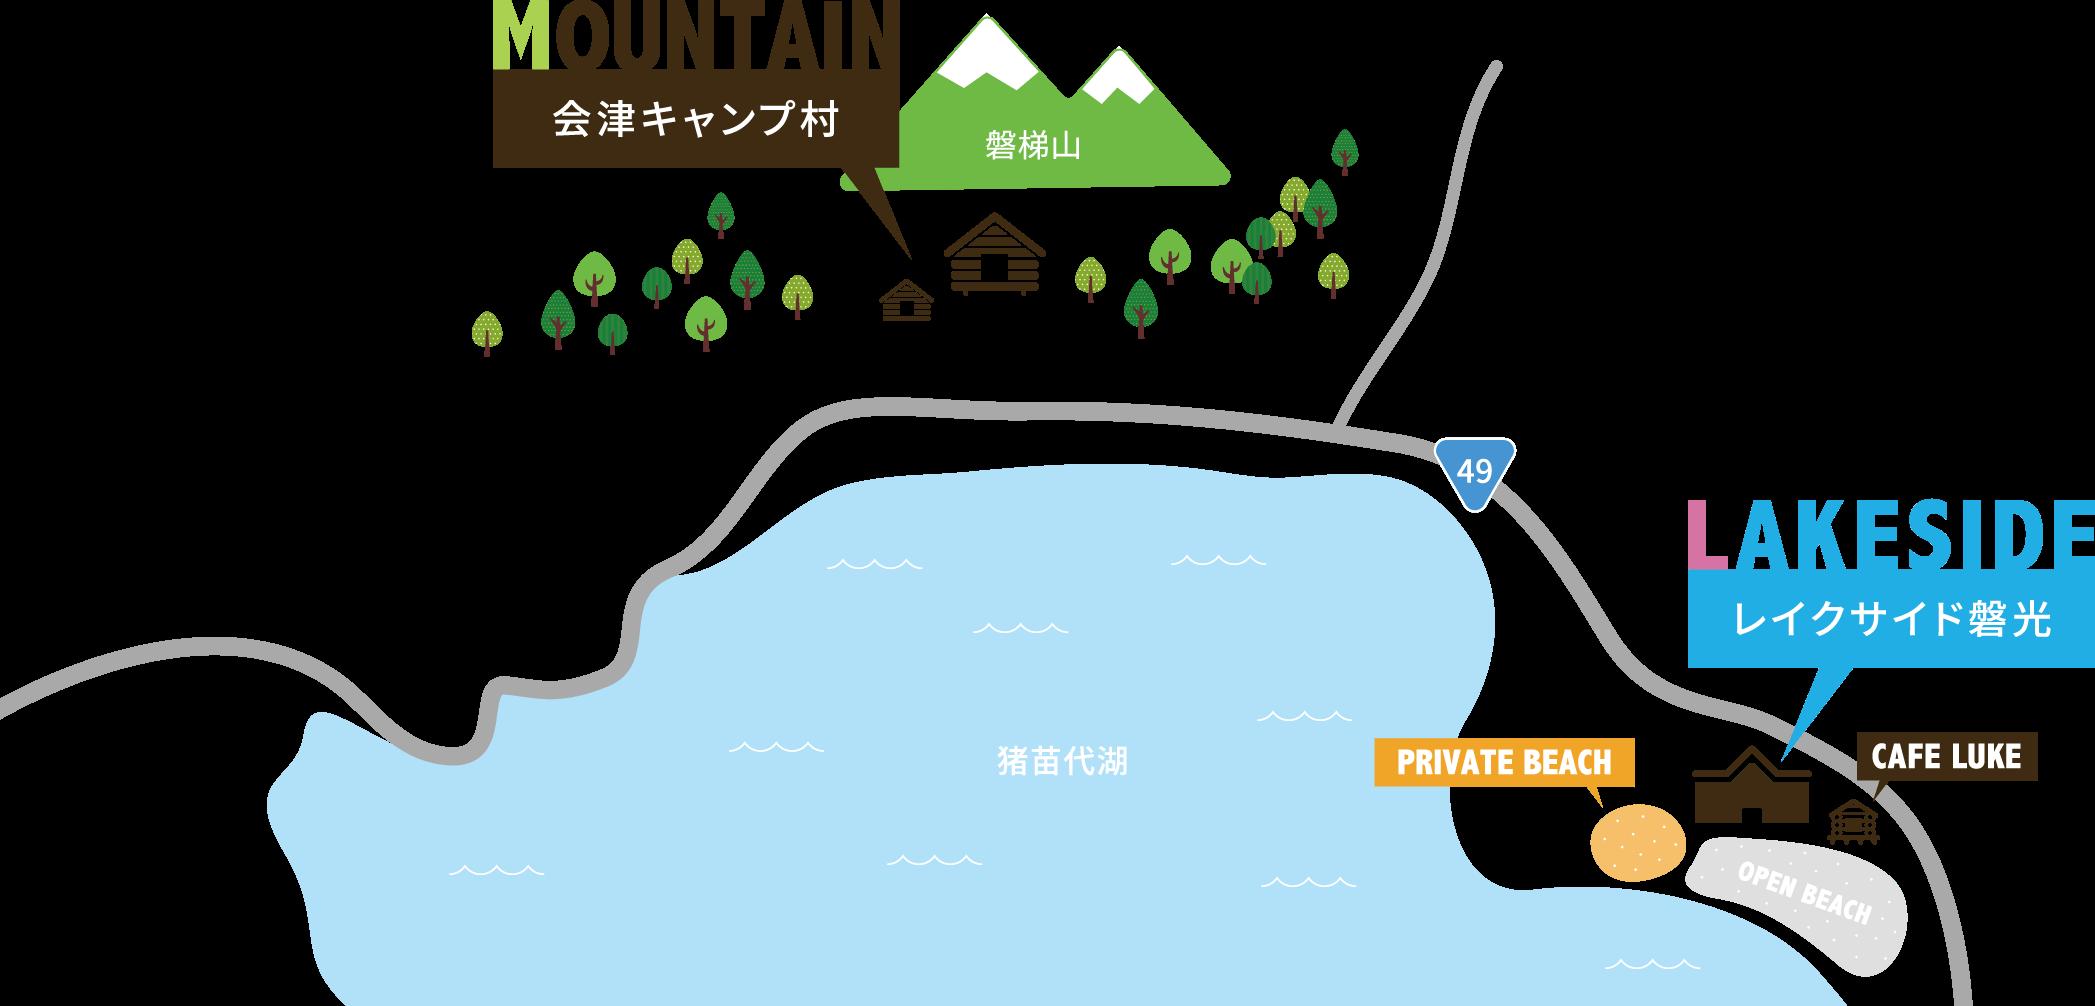 会津キャンプ村 MOUNTAIN 磐梯山 猪苗代湖 LAKESIDE レイクサイド磐光 CAFE LUKE プライベートビーチ